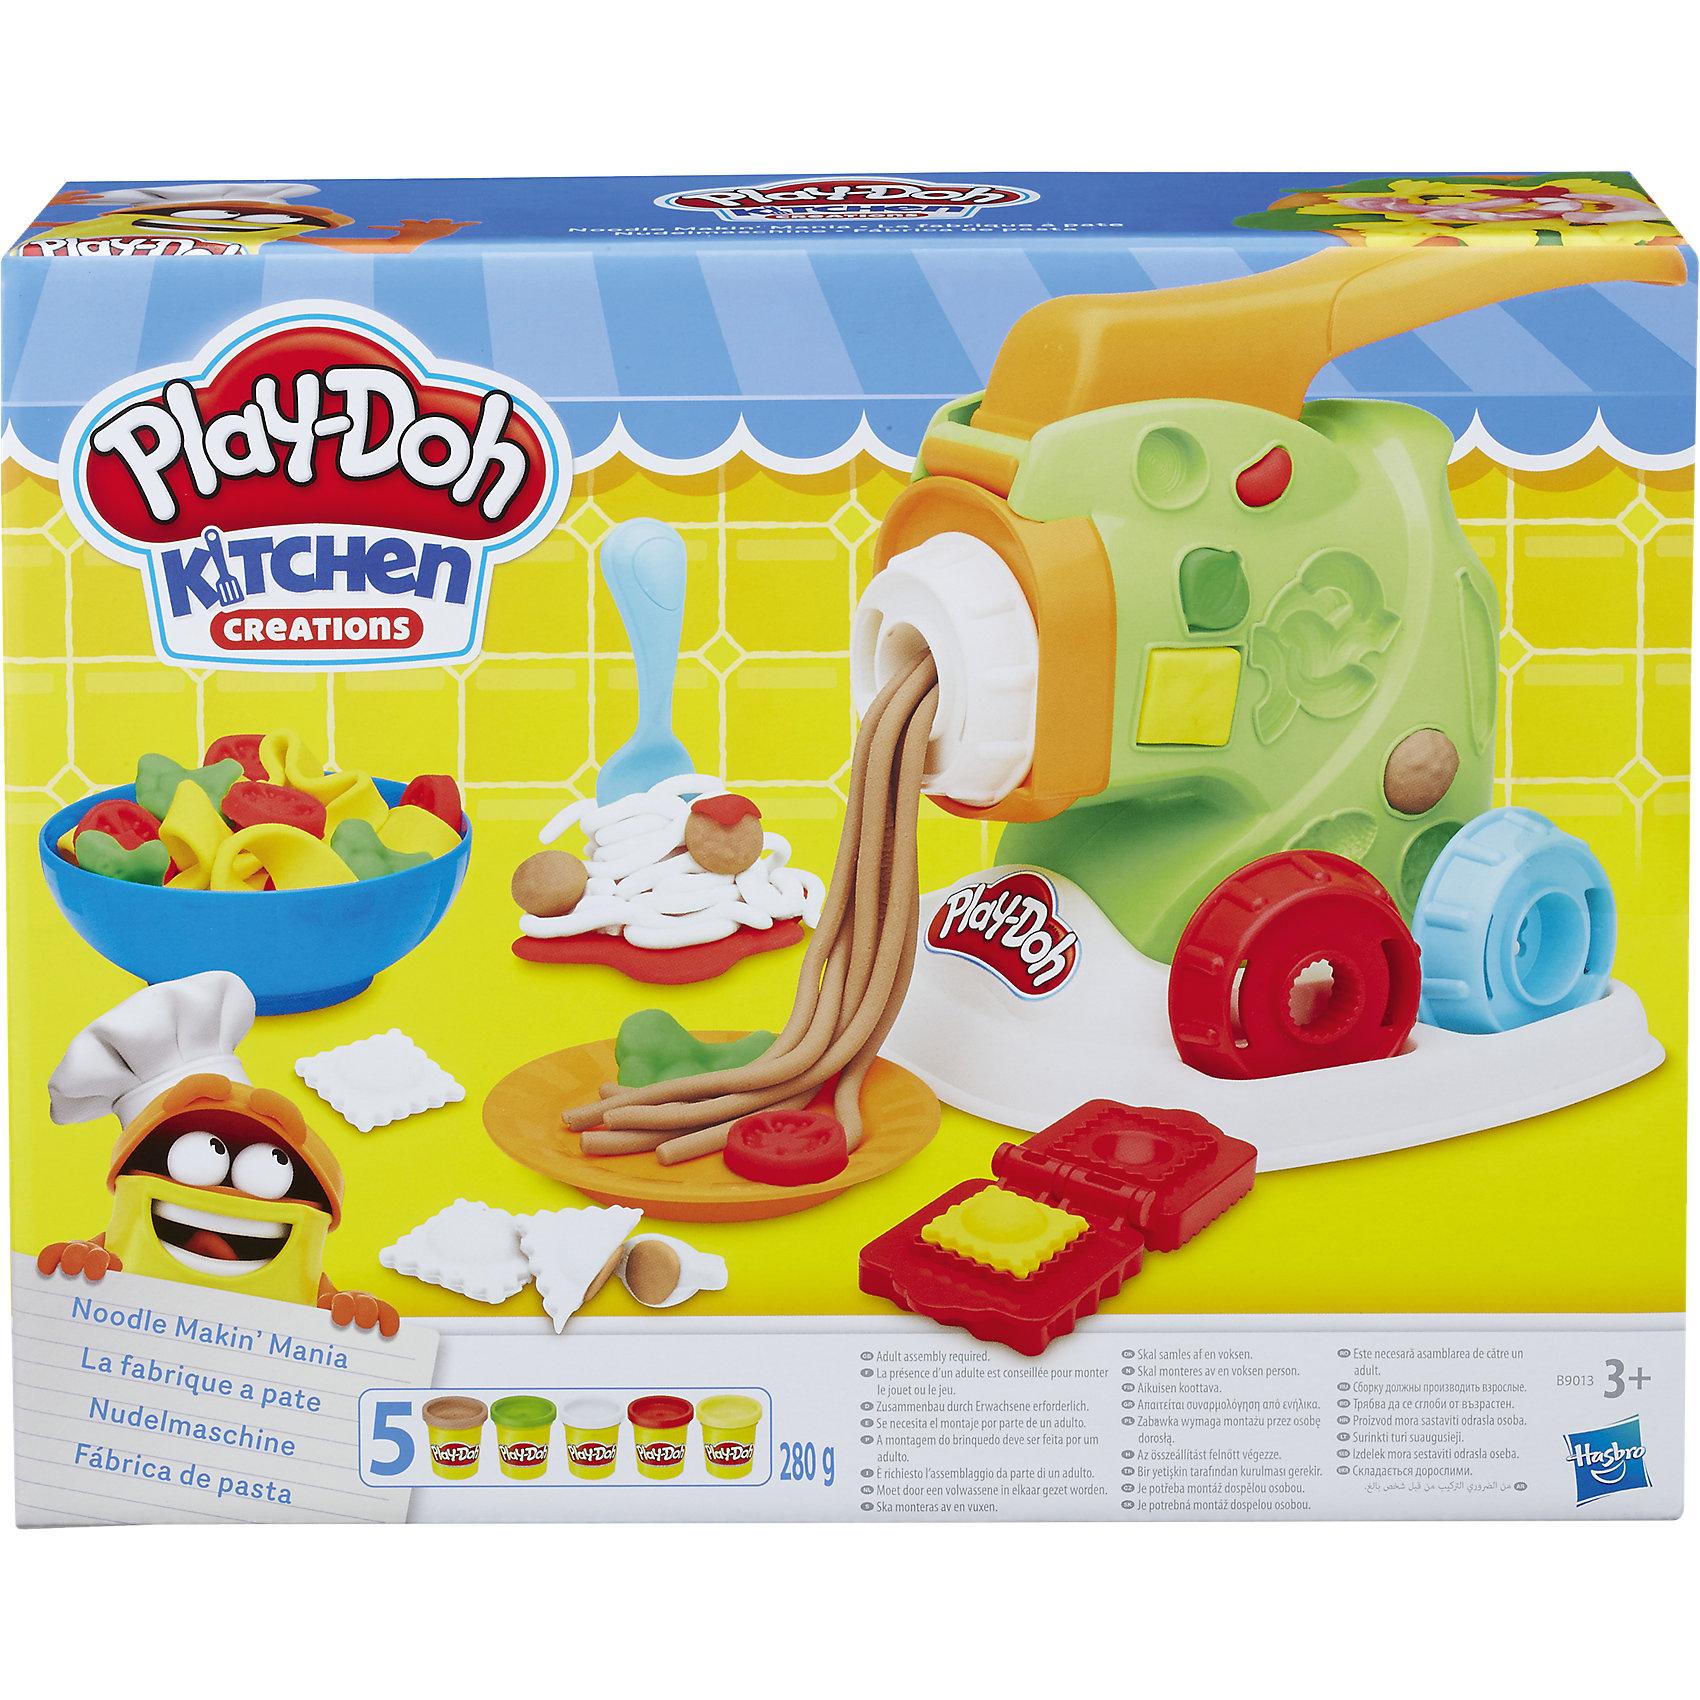 Игровой набор Машинка для лапши, Play-DohИгровой набор Машинка для лапши, Play-Doh<br><br>Характеристики:<br><br>- в набор входит: 5 цветов теста, машинка для лапши, подставка, 4 насадки, 2 тарелки-формы, форма для пельменей, ножичек <br>- состав теста: вода, мука, соль, красители<br>- размер упаковки: 28 * 8 * 22 см.<br>- вес: 840 гр.<br>- для детей в возрасте: от 3 до 7 лет<br>- Страна производитель: Китай<br><br>Тесто для лепки Play-Doh (Плей-До) от известного американского производителя товаров для детей Hasbro (Хасбро) понравится детям, которые знакомятся с лепкой. Мягкое, безопасное, нетоксичное тесто состоит из натуральных компонентов, не прилипает к пальчикам и прекрасно смешивается между собой. Этот набор отличается своей оригинальной тематикой и понравится детишкам интересующимся кухней и тем, как же готовят лапшу и макароны. Машинка для лапши идет в комплекте с практичной подставкой, в которую вставляются 4 насадки для разного типа лапши. Специальные выемки-формочки на машинке помогут сделать макароны в форме бантиков, зайчиков, паравозика, ракушки, листика, колесика, а также и другие продукты – грибы, креветки, кольца морковки, чтобы ваша паста была незабываемой! <br><br>Небольшая скалочка входит в набор и помогает раскатывать тесто перед использованием форм. Крутящийся пластиковый ножичек с волнистым лезвием сделает отличную волнистую работу на кухне. Формочка для пельменей-равиолли поможет поместить начинку в серединку и сделать отличное блюдо! На обратной стороне тарелочки формочки салата и перчика, а в глубокой тарелки отпечатки помидора, сельдерея и редиса. В набор вошли пять отдельных закрывающихся баночек с желтым, красным, зеленым, белым и светло-бежевым тестом. <br><br>Цвета теста можно легко комбинировать между собой и смешивать, можно купить любое тесто для лепки Play-Doh (Плей-До) и оно сможет смешаться с тестом из набора. Не рекомендуется хранить тесто для лепки на открытом воздухе. Работа с тестом для лепки помогает развить моторику ручек, 